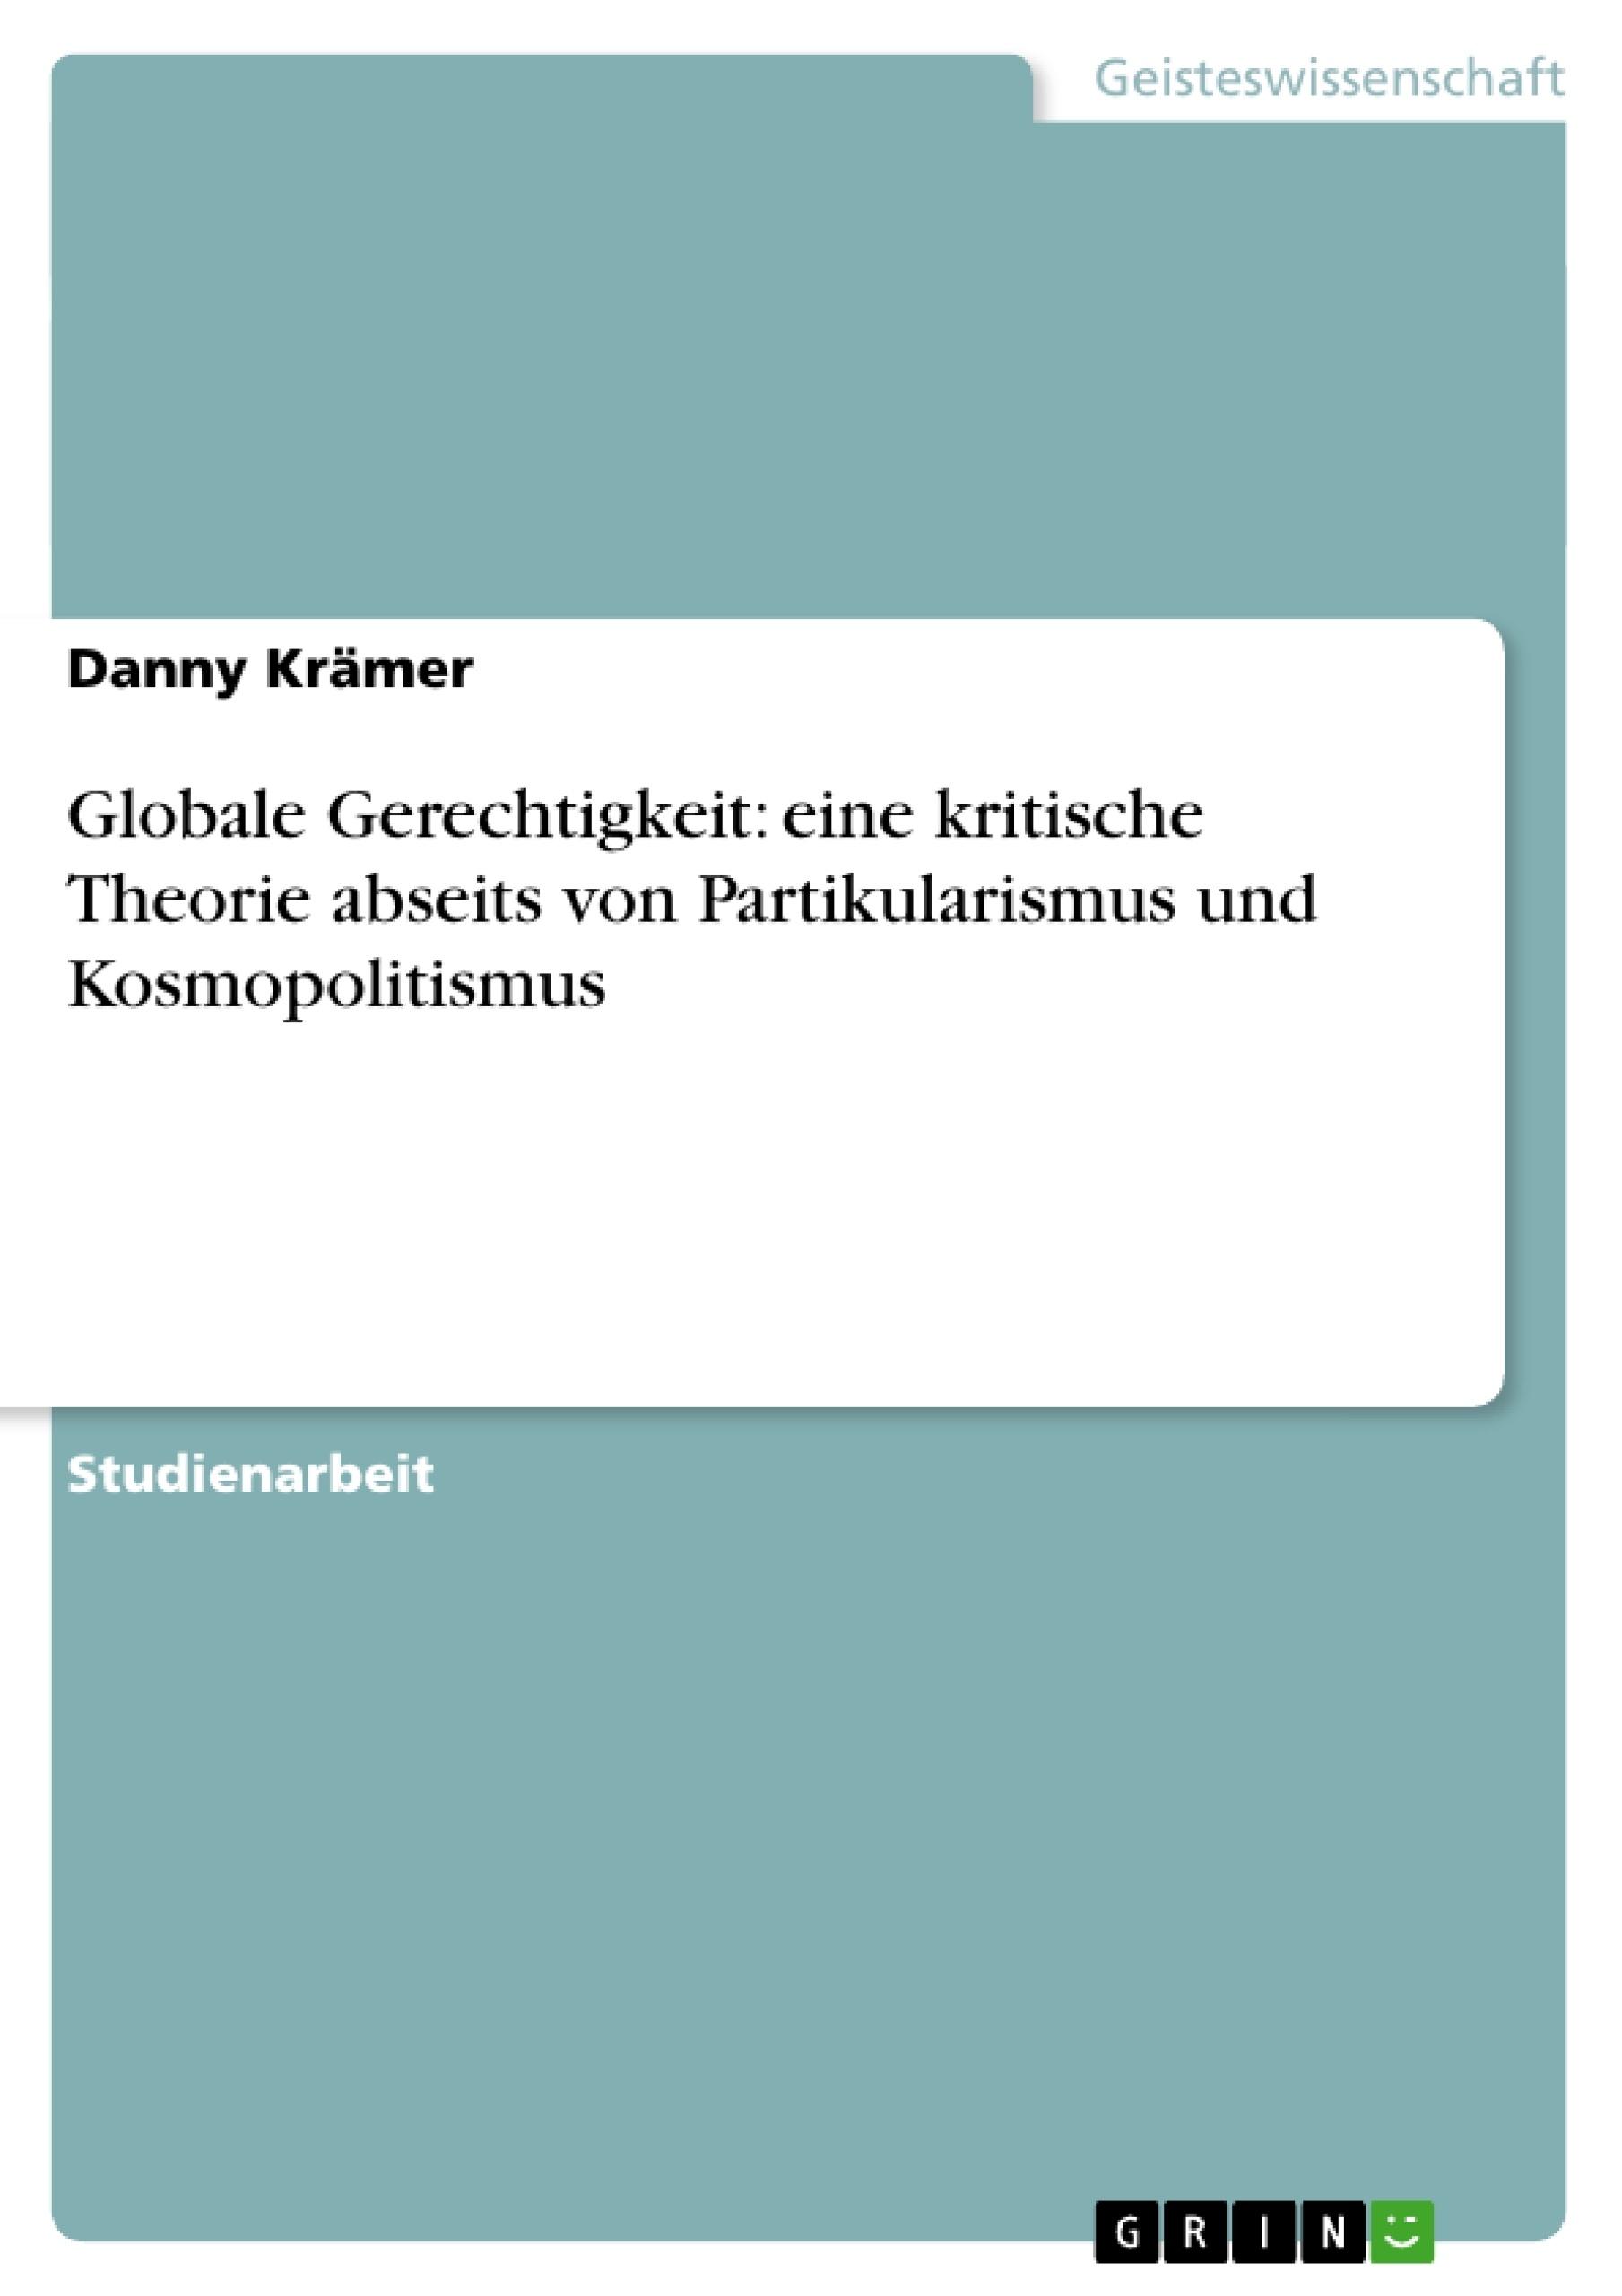 Titel: Globale Gerechtigkeit: eine kritische Theorie abseits von Partikularismus und Kosmopolitismus